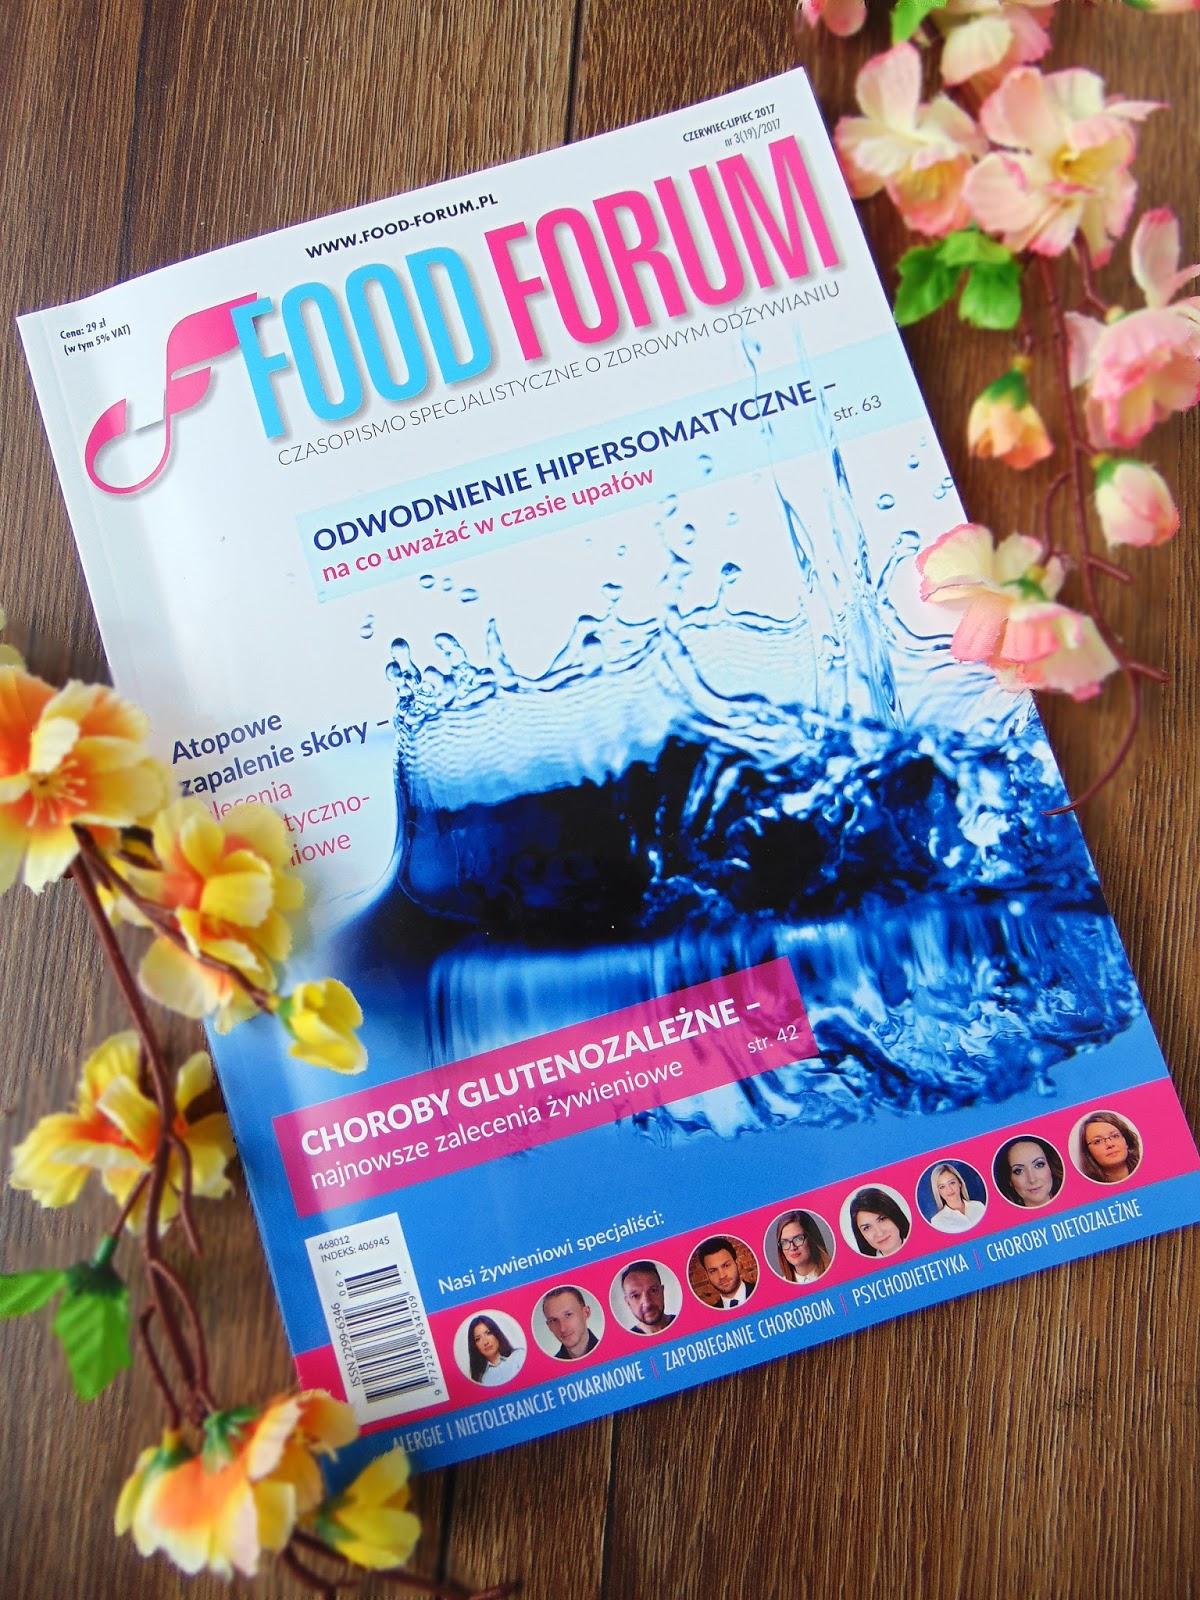 Moje Zdrowe Slodkosci Oraz Porady Zywieniowe Food Forum Czasopismo